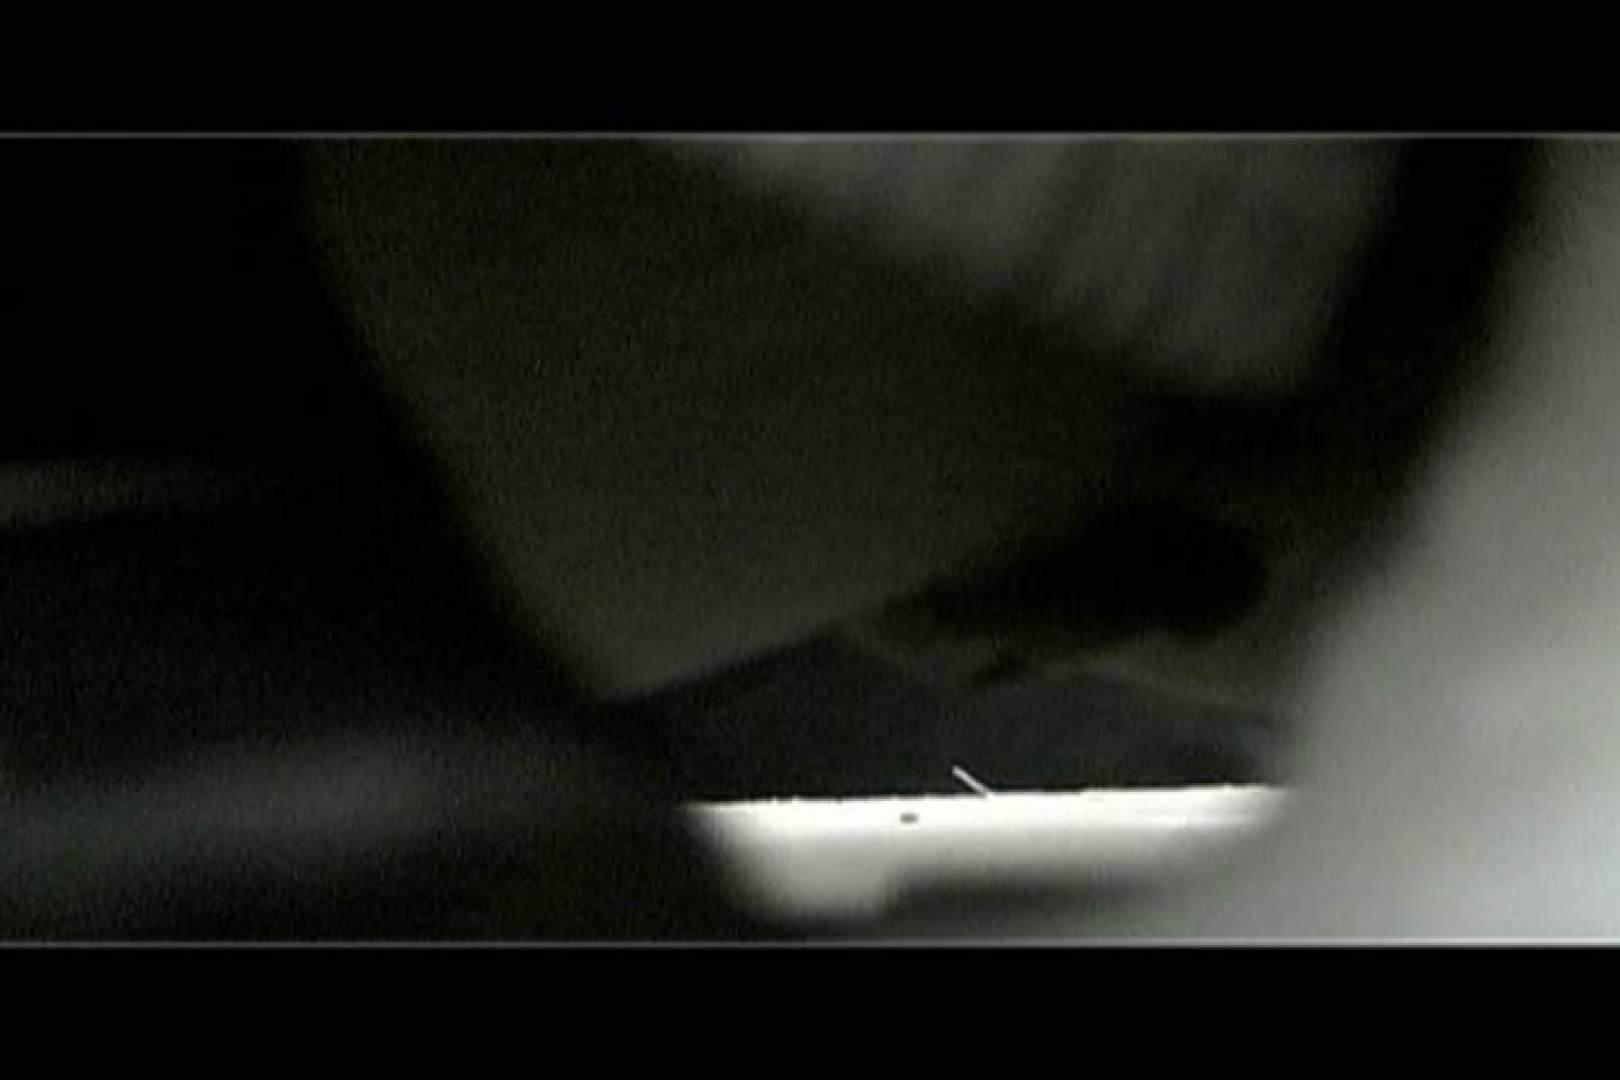 マンコ丸見え女子洗面所Vol.7 美しいOLの裸体 オメコ無修正動画無料 105pic 50